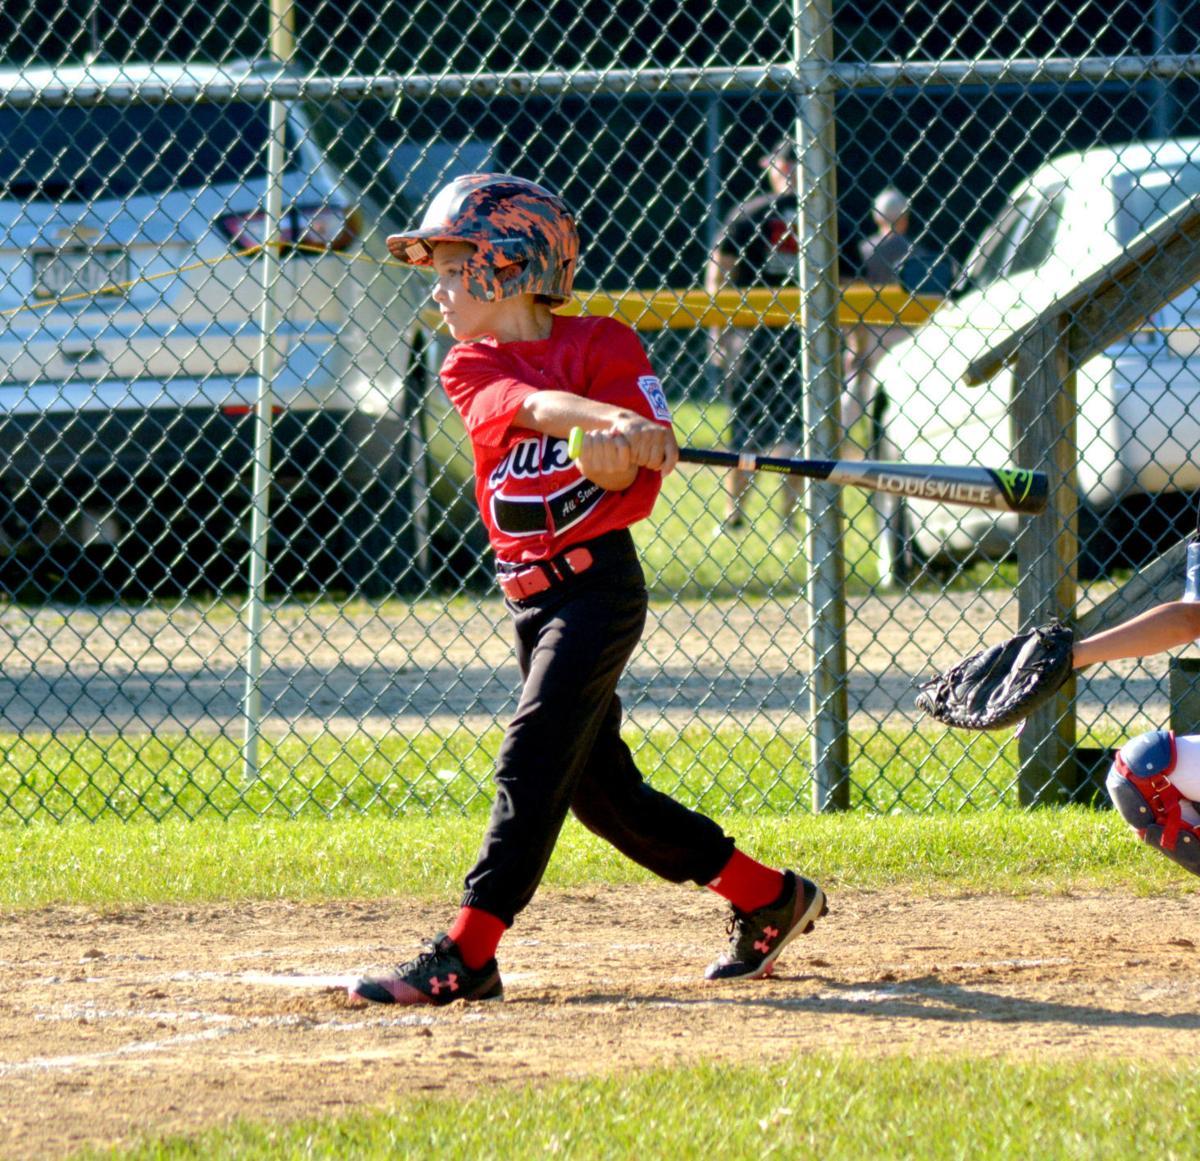 DUB MLBB Clyde hitting